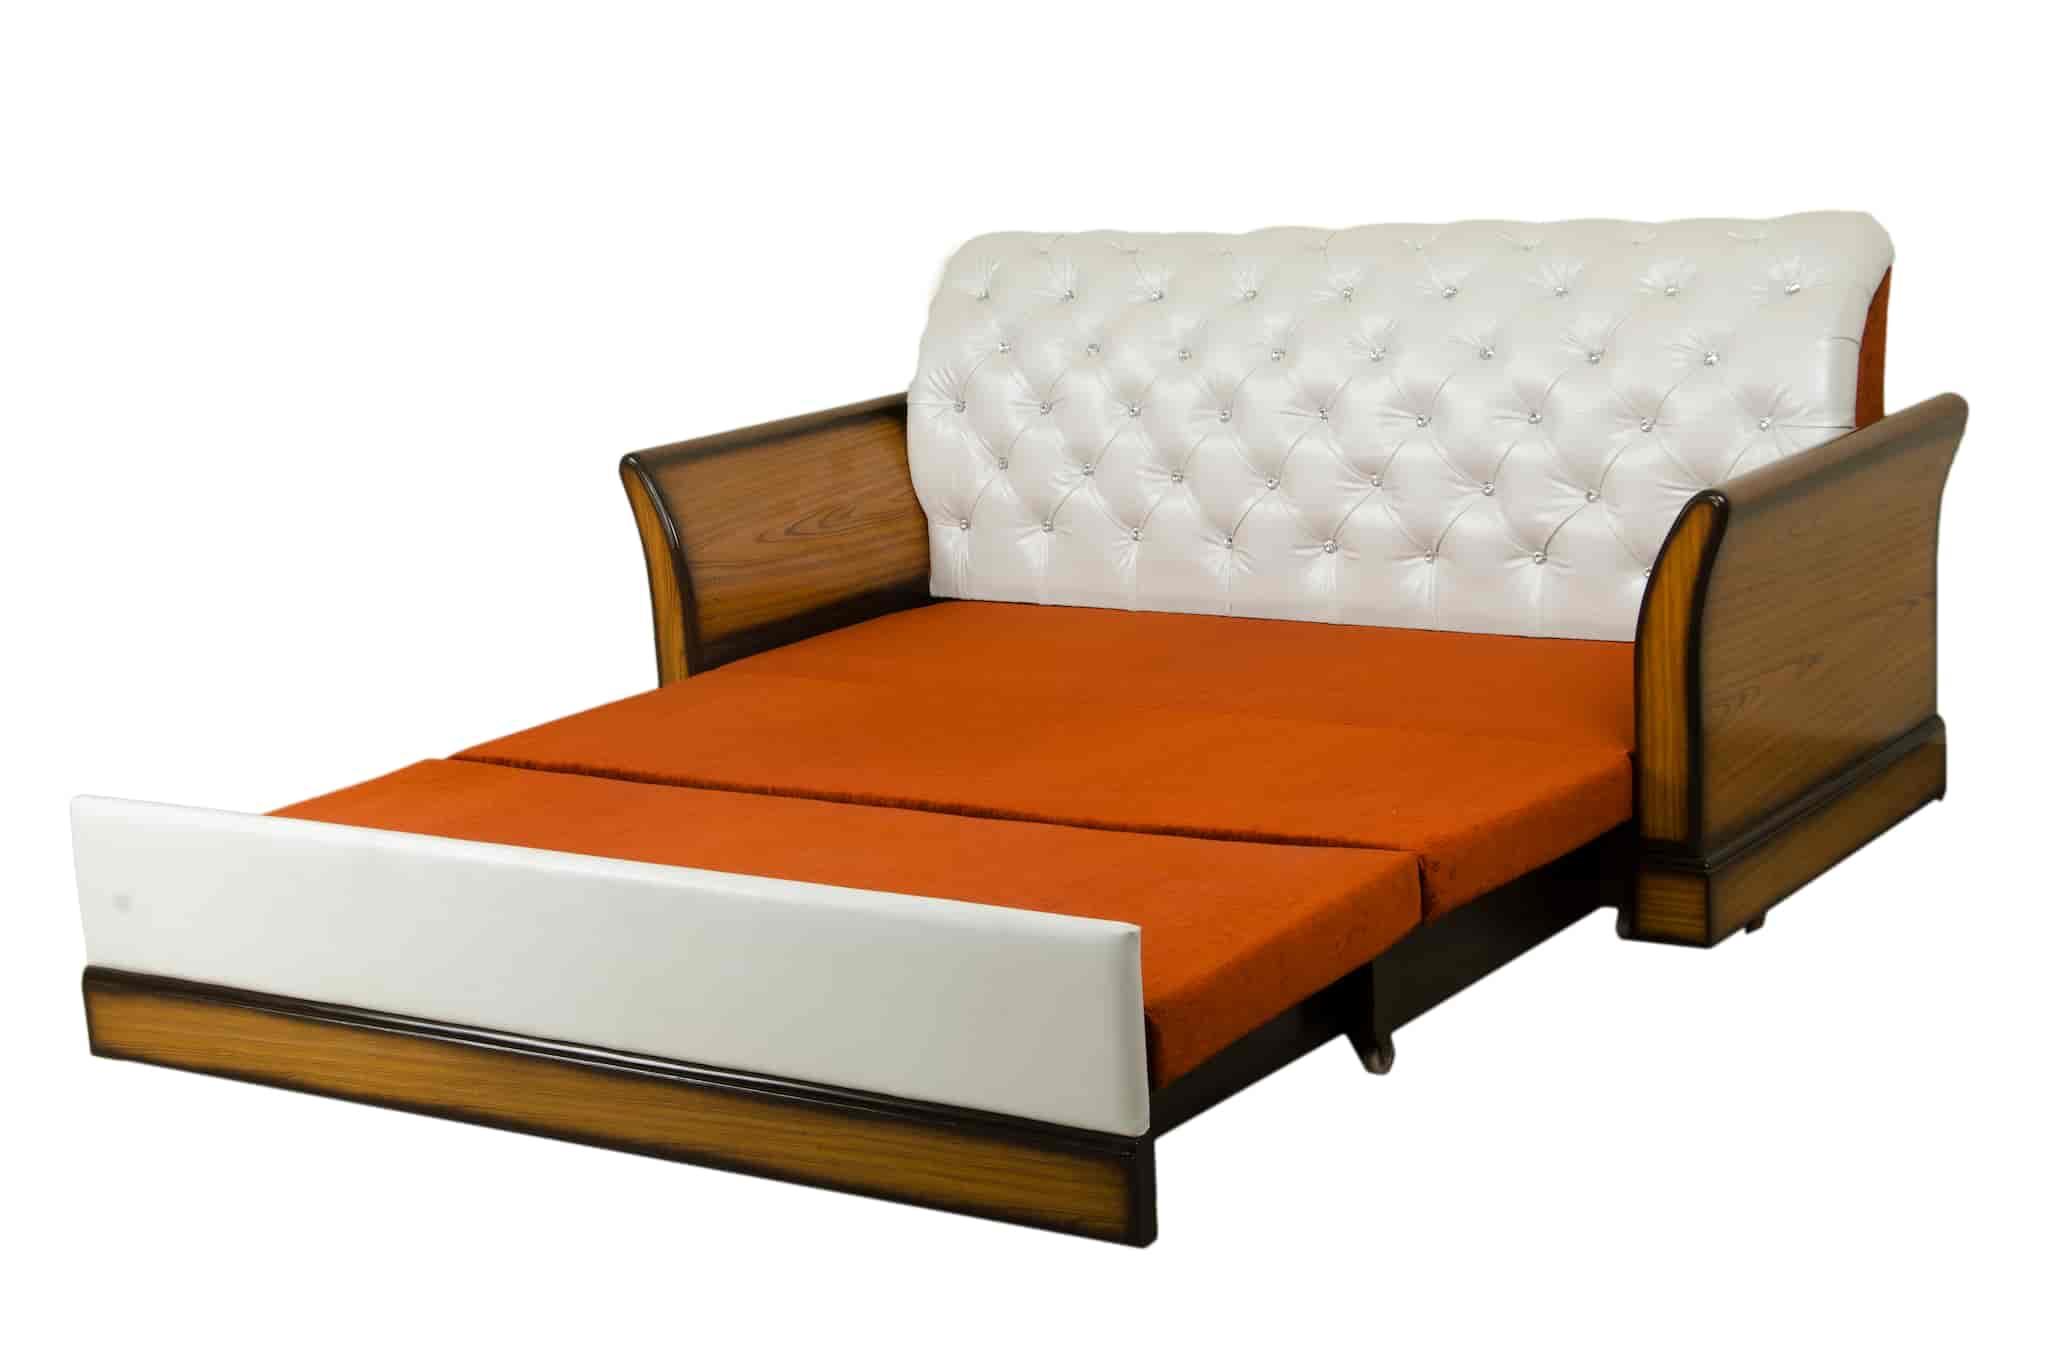 Sofa Kam Bad In India Wallpaperall